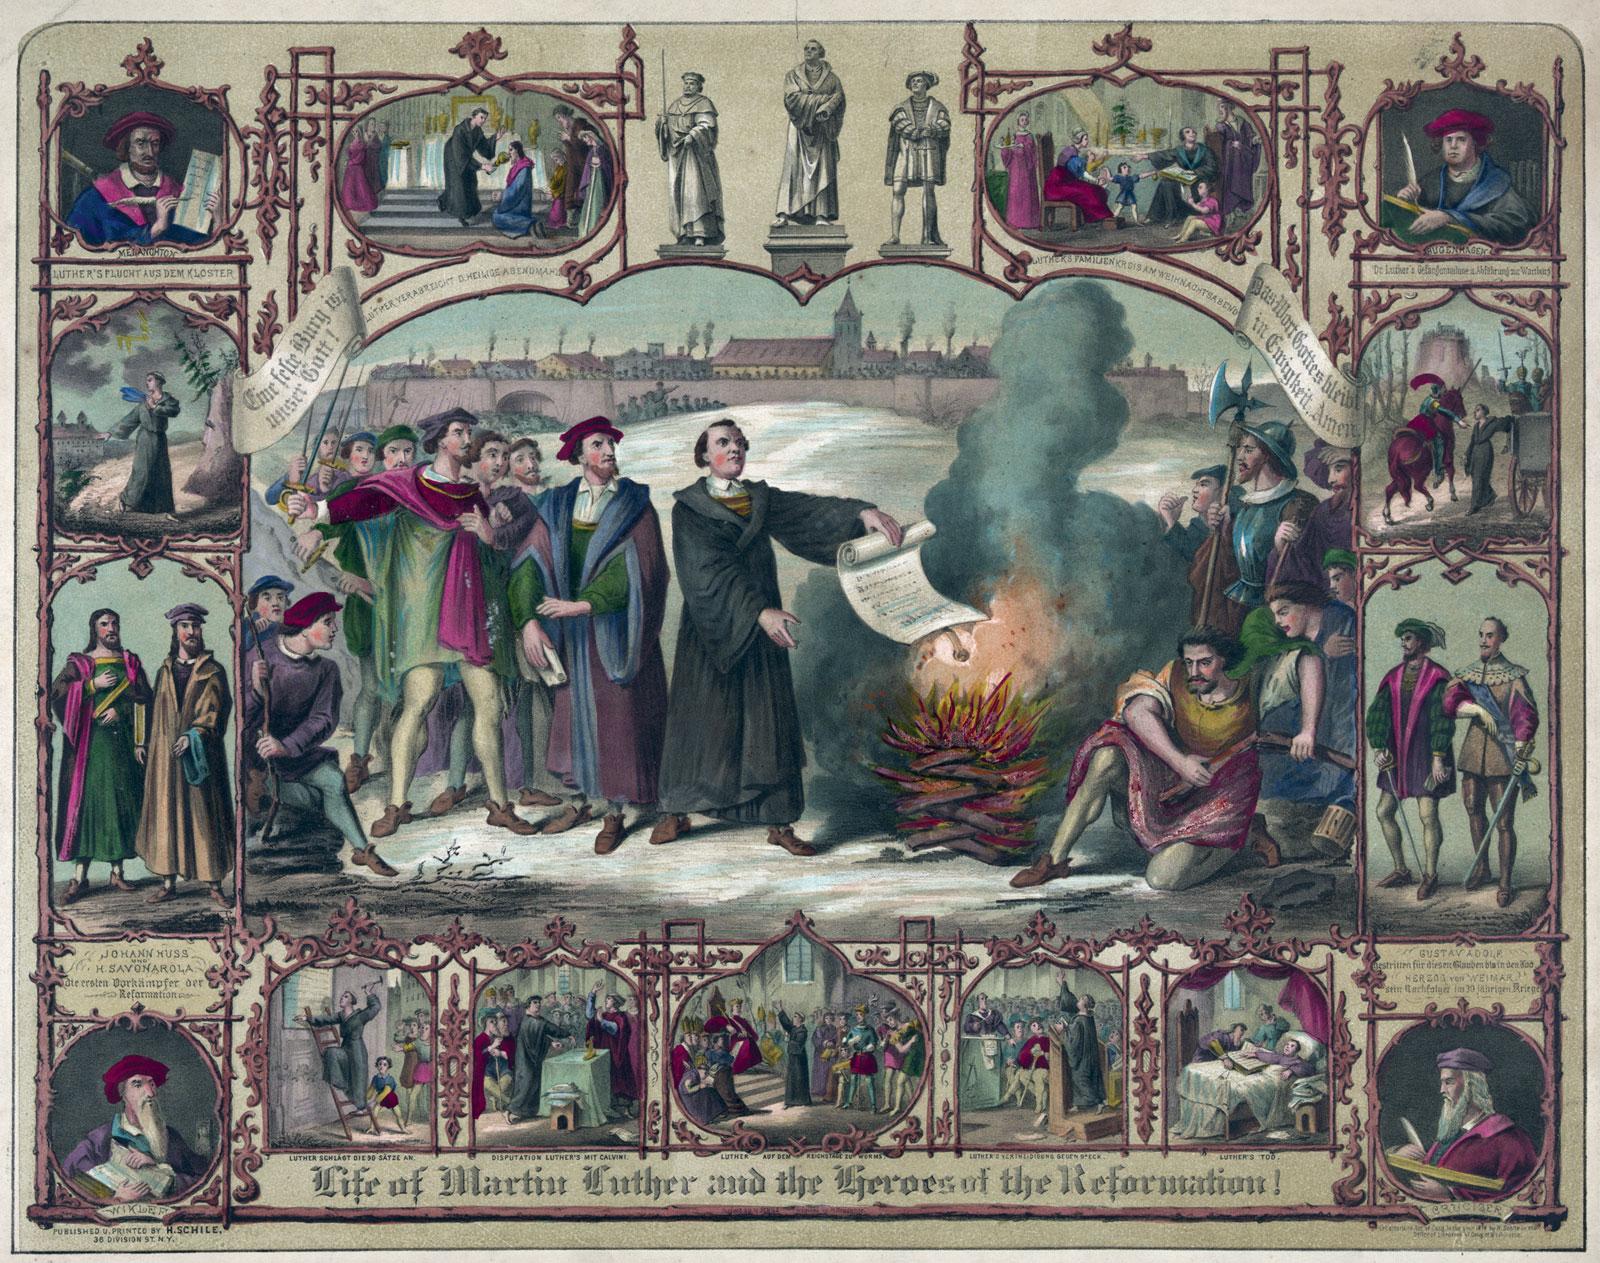 Matrimonio Catolico Y Protestante : Porqué la sola scriptura es una herejía de los